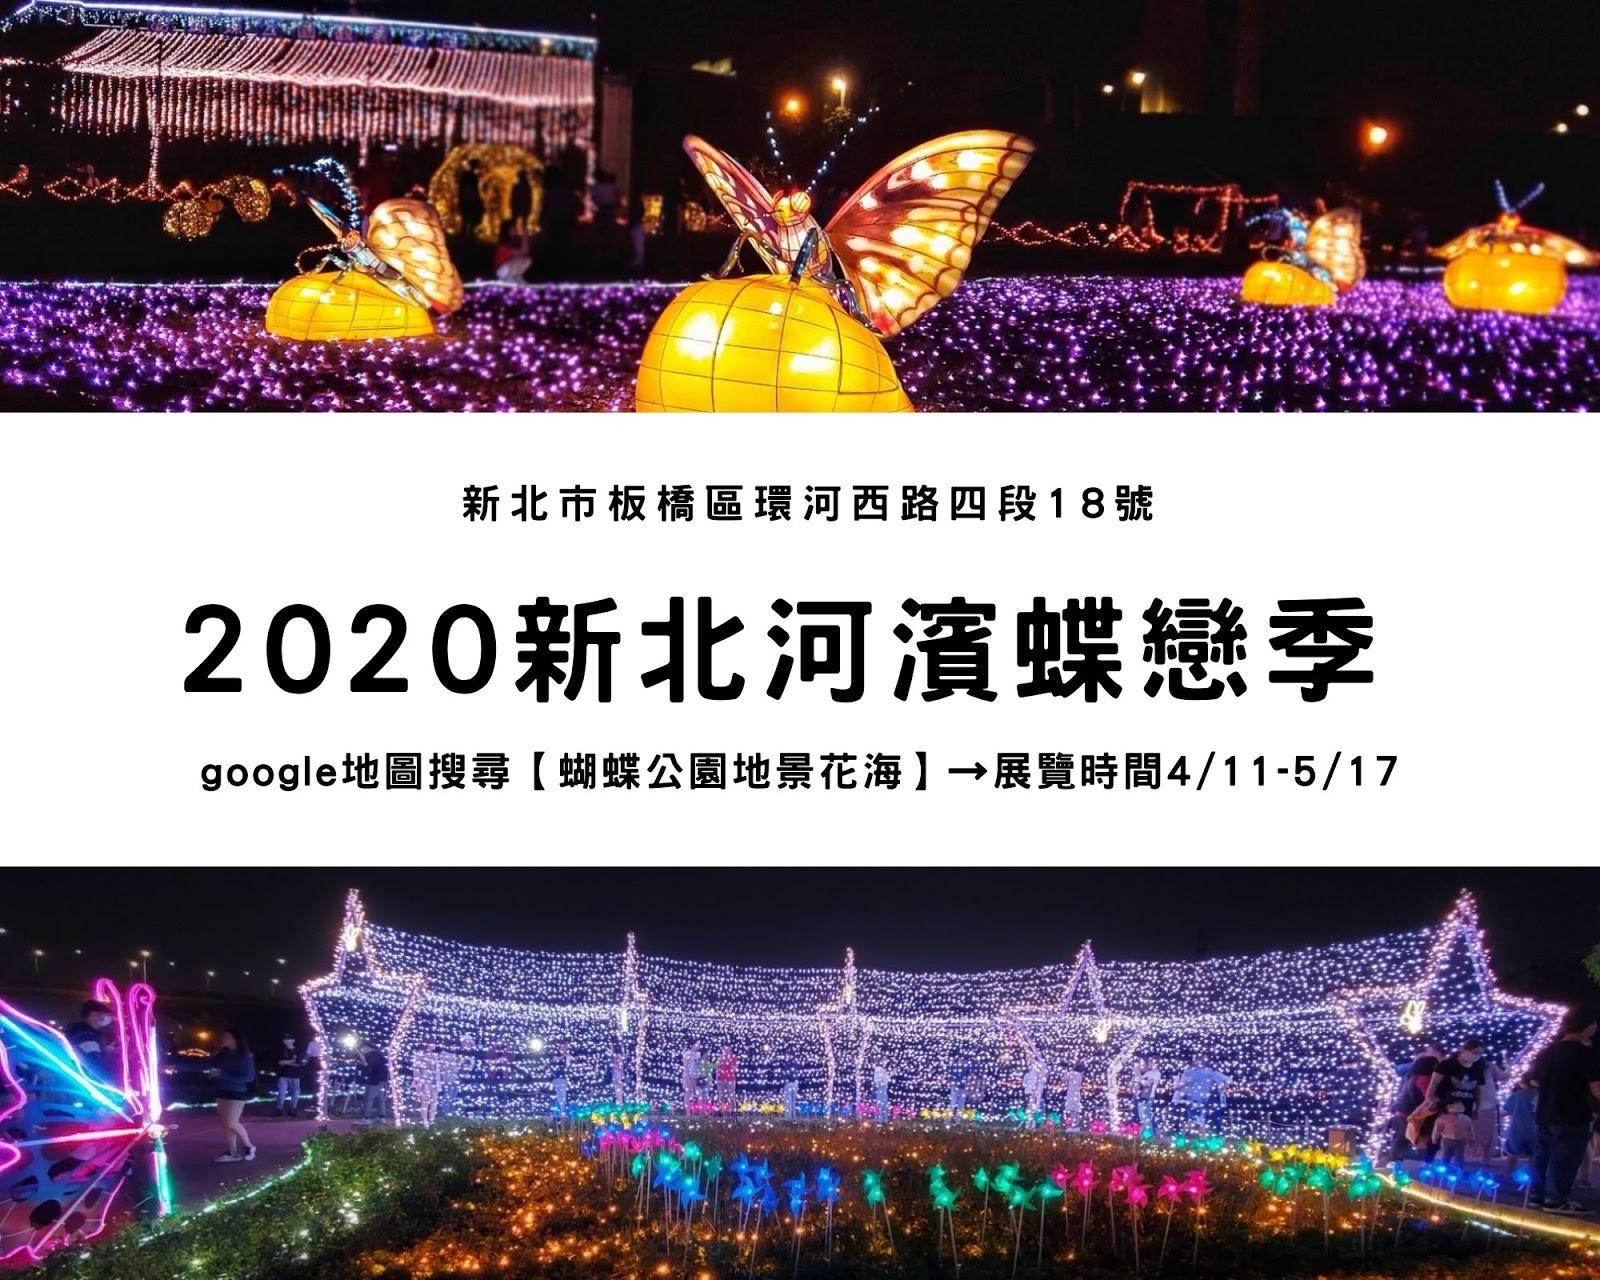 【板橋IG熱門景點】2020新北河濱蝶戀季|美哭的百萬星星燈夜景、輕易就能拍出浪漫網美照